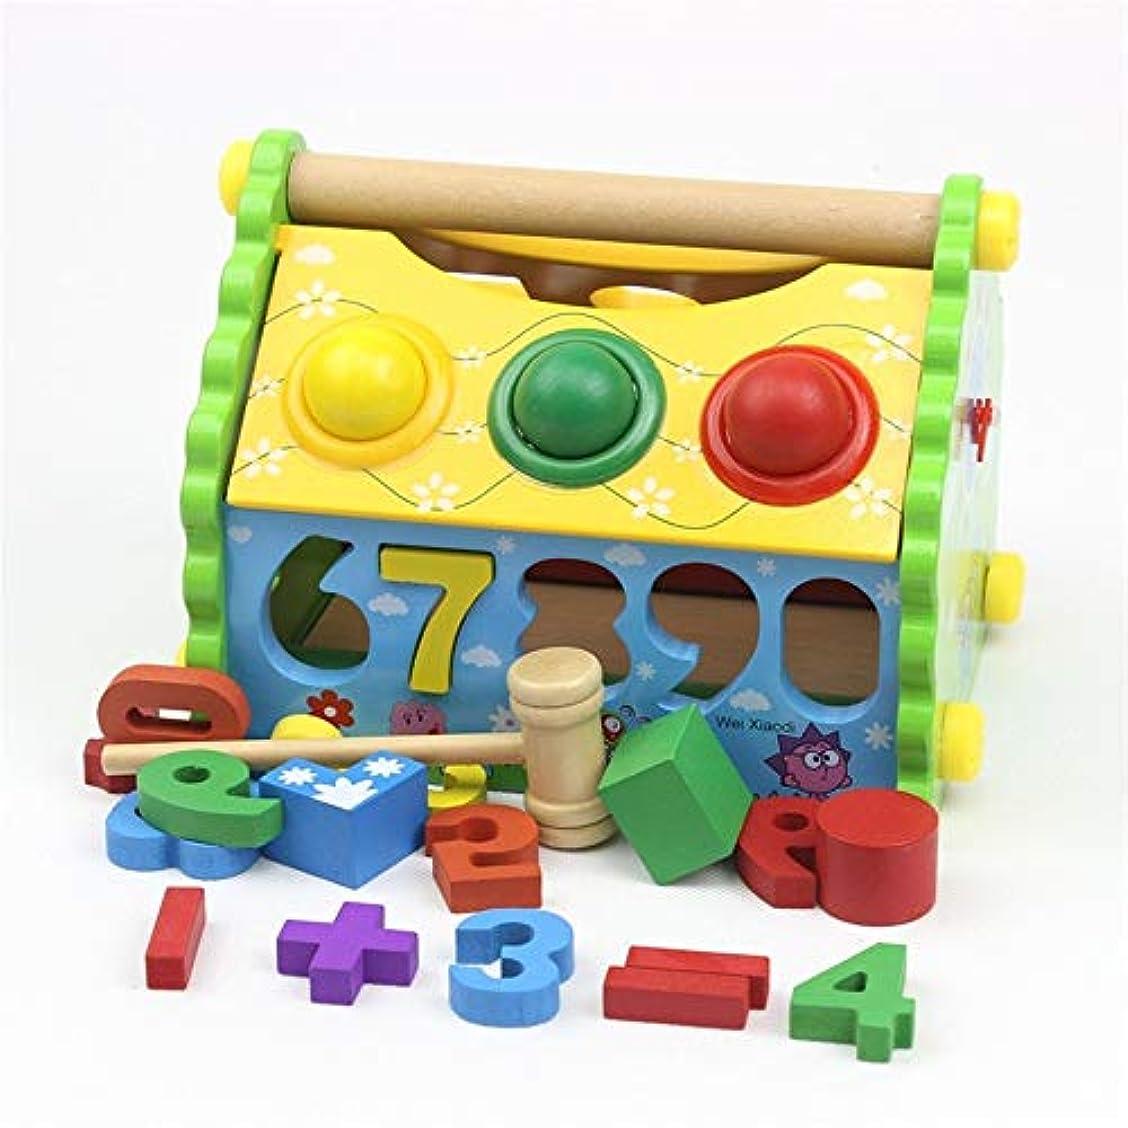 役に立つ資格情報市民権パズル積み木 スロットをソート実効状態の形状を探索するの活動のロードをフィーチャリング6才3のために赤ちゃんのトイ&ギフト 幼児用 (Color : Multi-colored, Size : Free size)